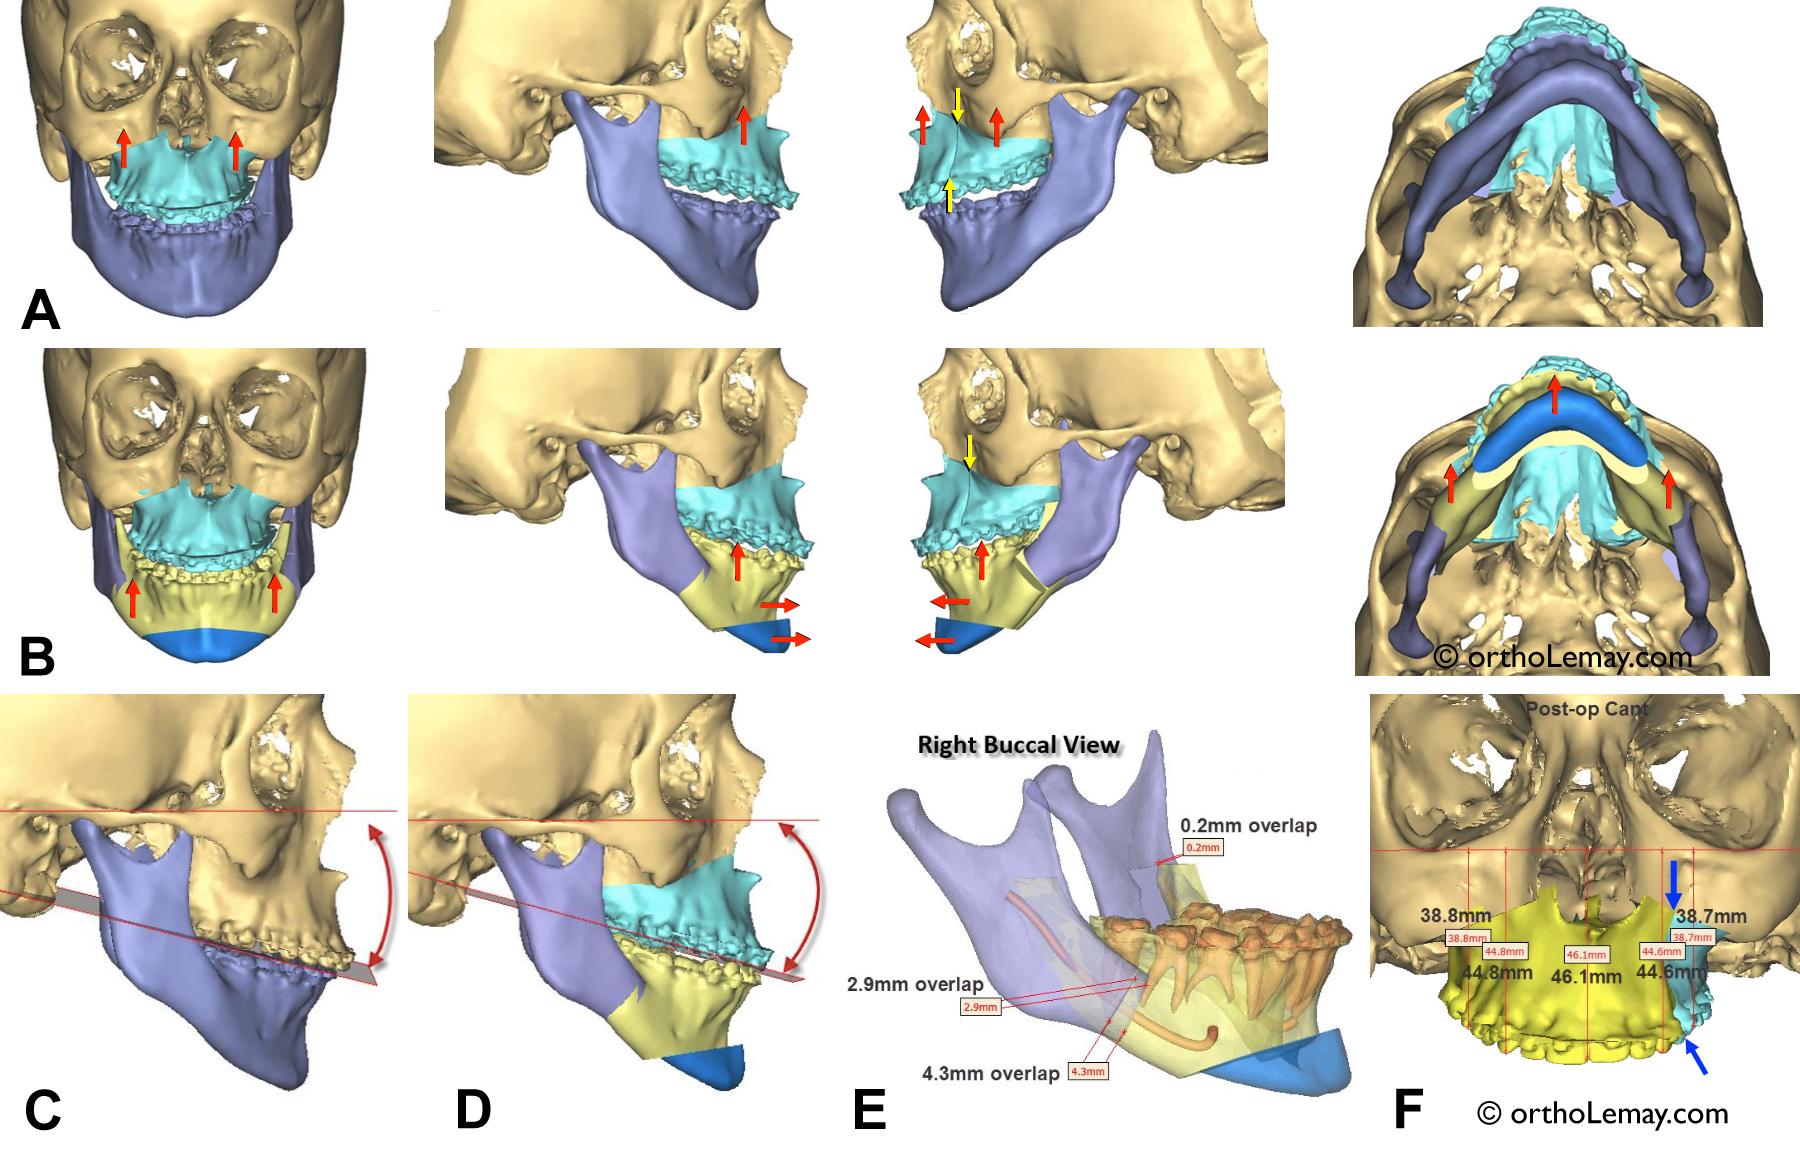 Simulation informatique 3D d'une correction chirurgicale complexe des deux mâchoires. (A) Vue de face, des côtés et inférieure des mâchoires après la préparation orthodontique mais avant la chirurgie. La mandibule et le maxillaire supérieur sont de couleurs différentes. (B) Simulation faite par le chirurgien maxillo-facial à l'aide d'une radiographie 3D (TVFC) et du logiciel de simulation. Chaque couleur représente une coupe qui devra être faite dans la mâchoire. (C) Mâchoires avant la chirurgie. (D) Calcul de la rotation mandibulaire qui résultera des mouvements chirurgicaux. (E) Détails de la chirurgie mandibulaire indiquant au chirurgien la position du nerf mandibulaire et la position de chaque segment de mâchoire à une fraction de millimètre près. (F) Vue de face du maxillaire supérieur et des détails des mouvements chirurgicaux. Il serait impossible de faire une telle planification chirurgicale sans ces nouvelles technologies. Simulation, gracieuseté du Dr Gaétan Noreau, chirurgien maxillo-facial, Sherbrooke. © 2016.